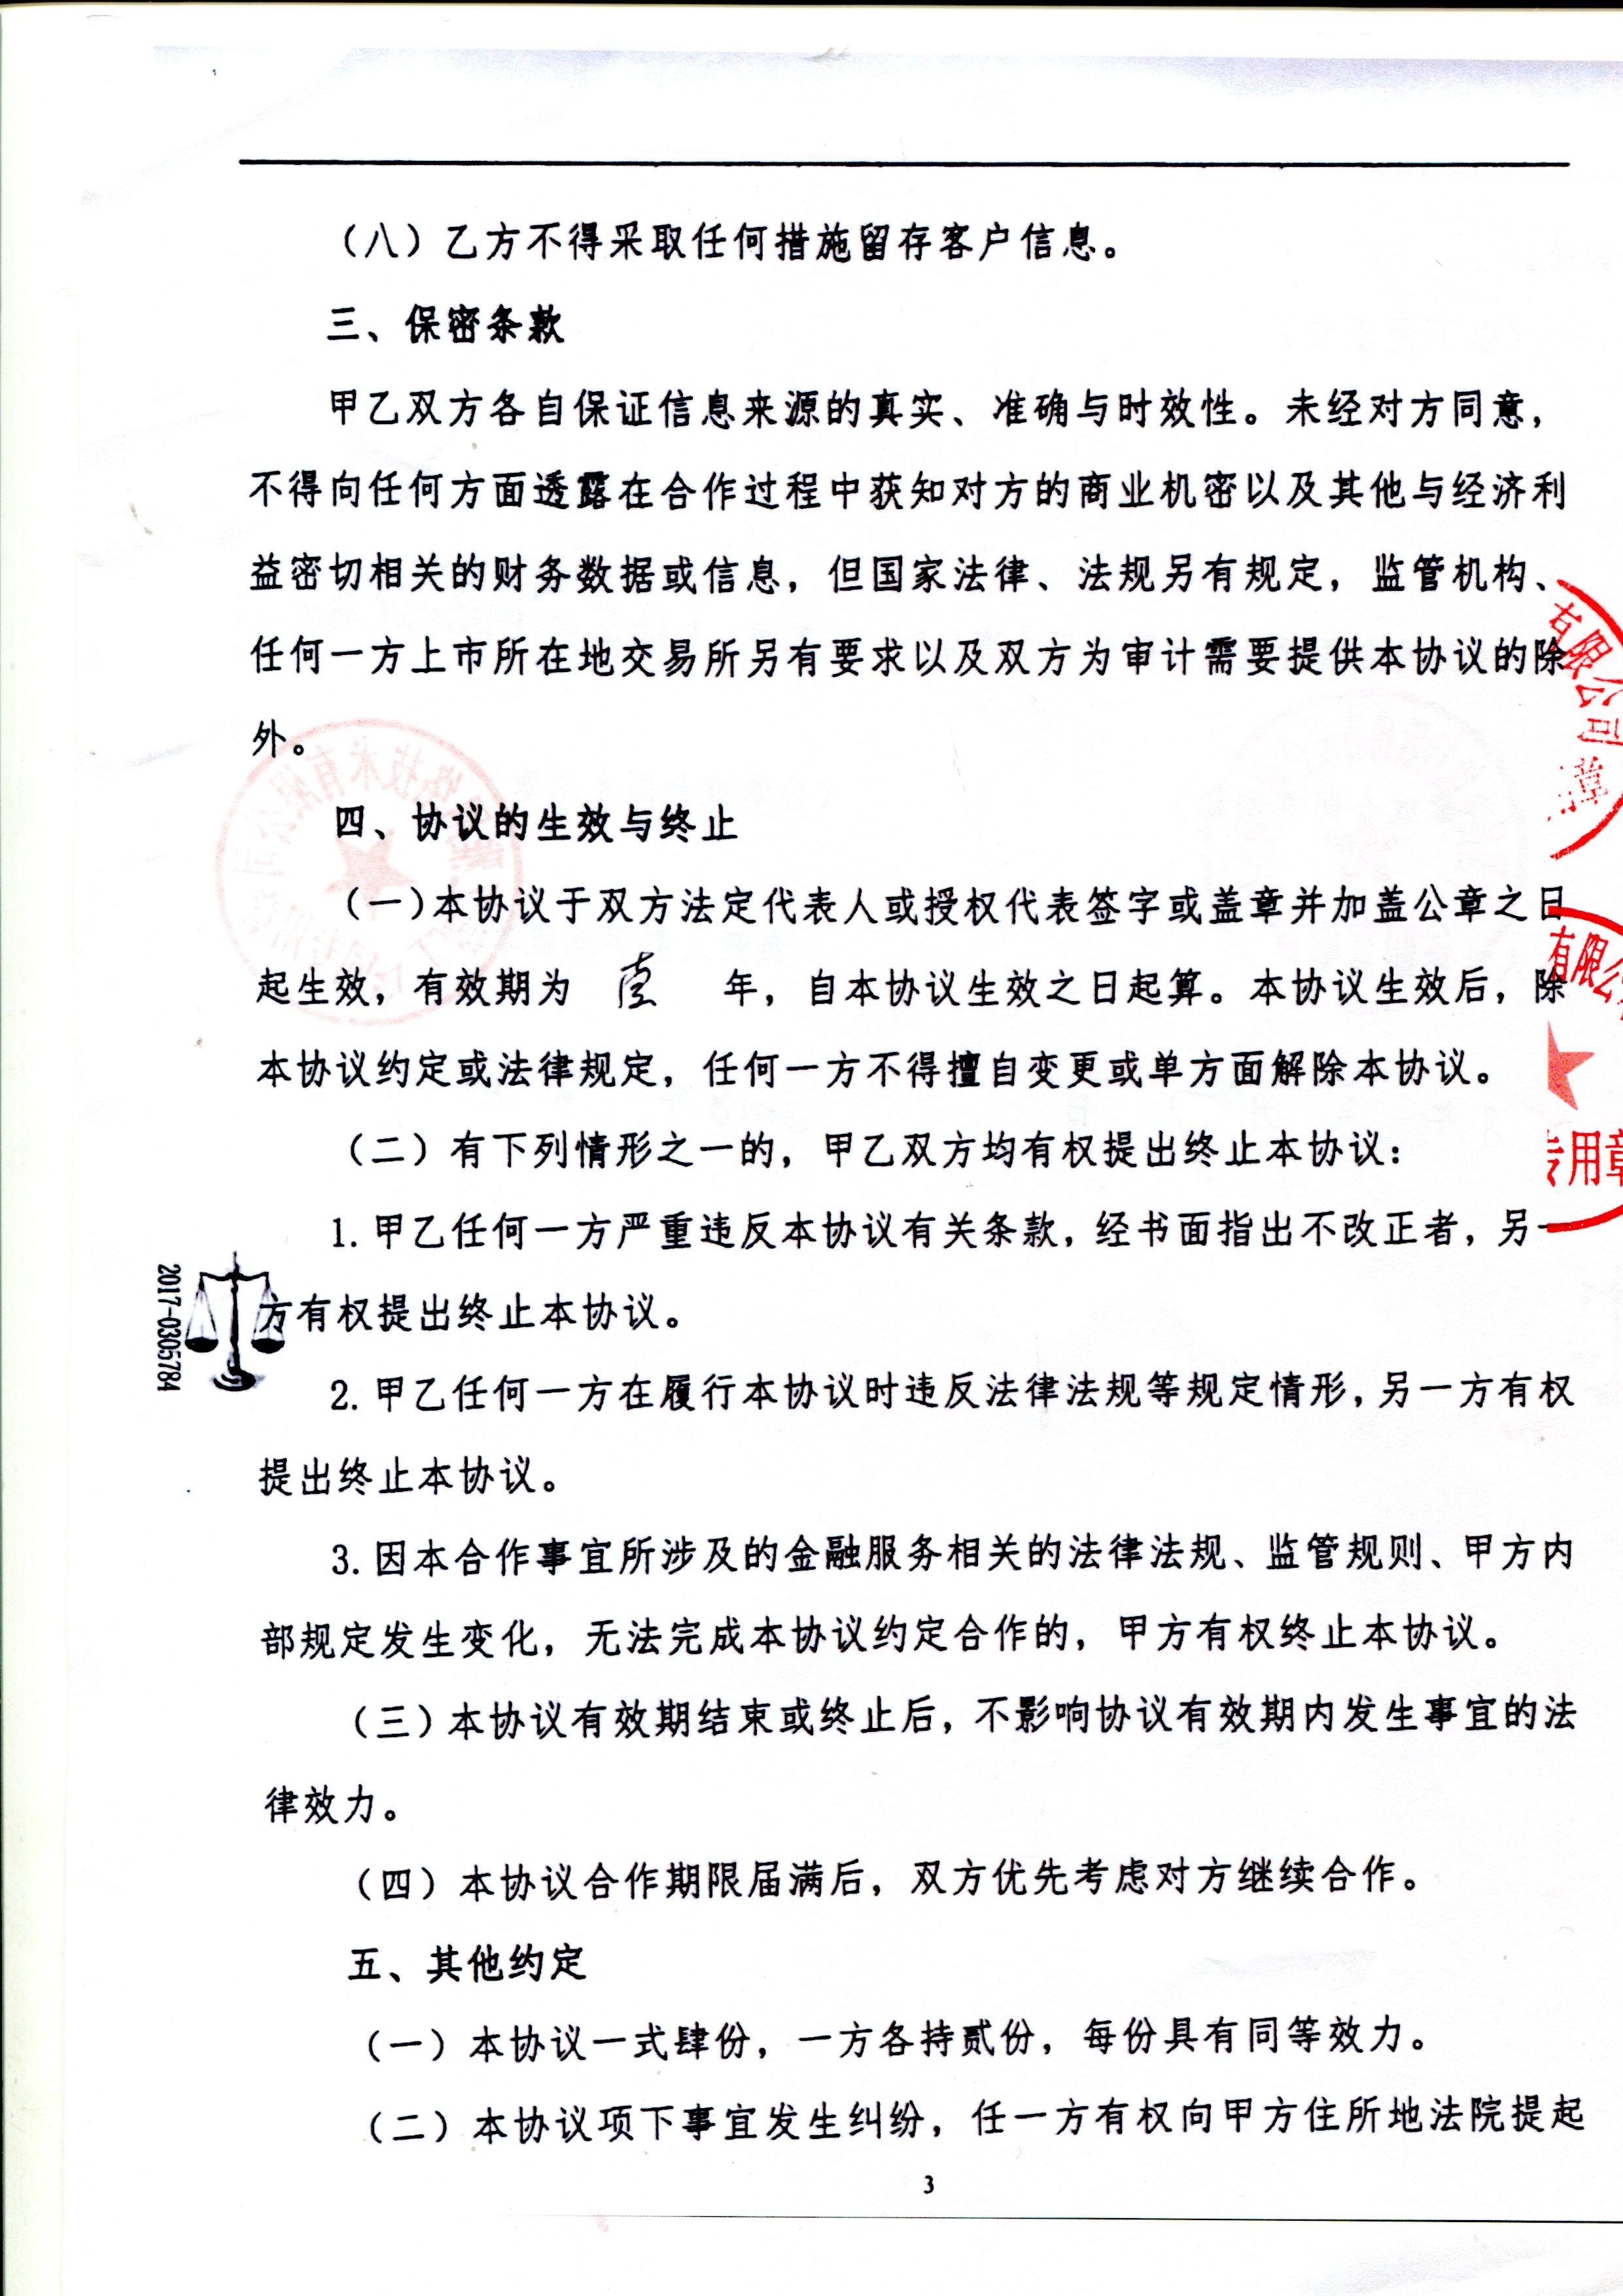 中国民生银行空中社区银行业务合作协议004.jpg